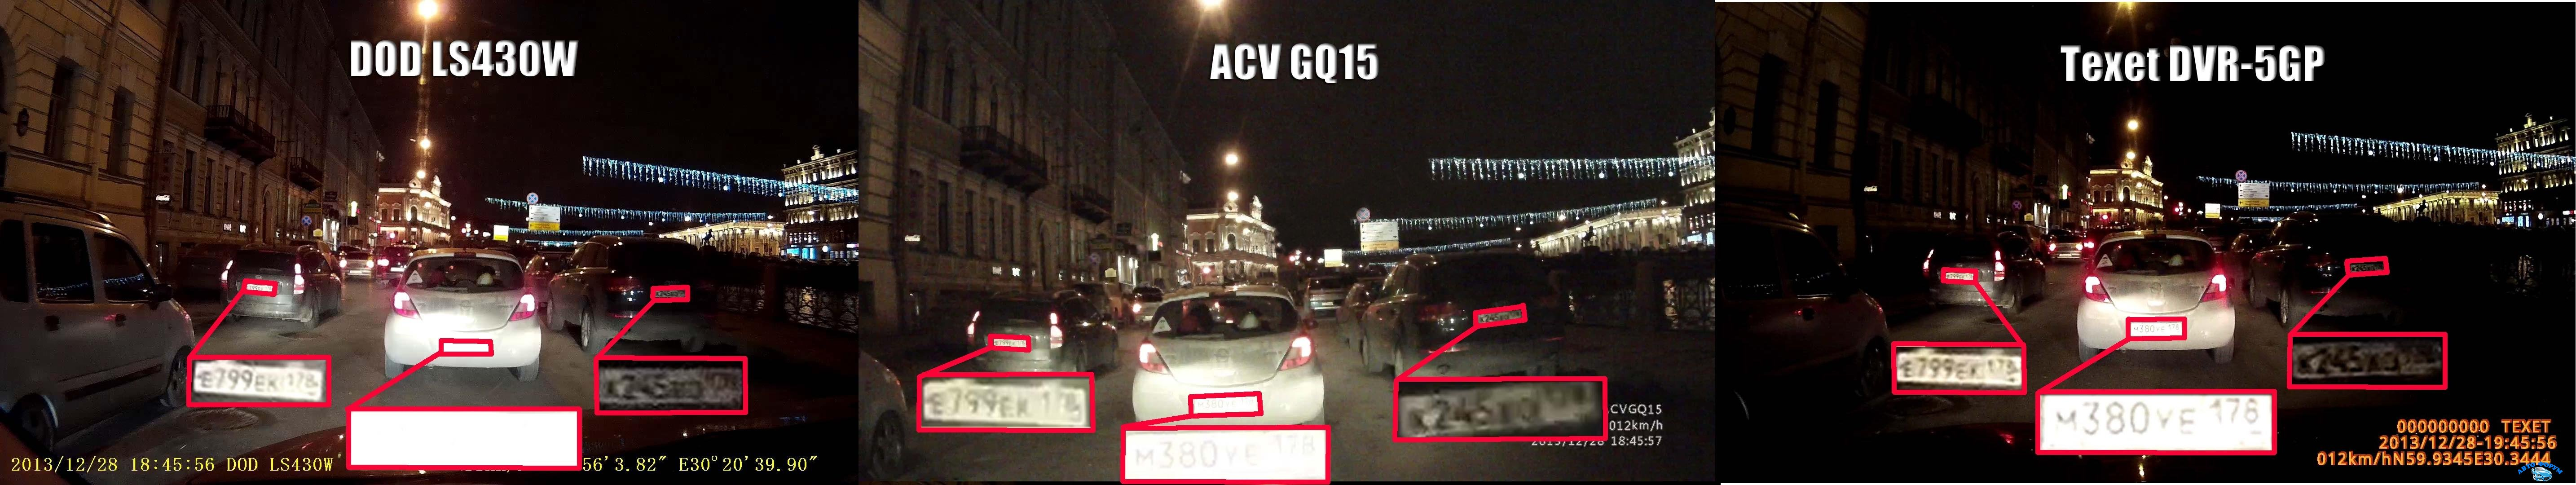 avto-blackbox.ru-sravnenie-nochnoy-videozapisi_1.jpg